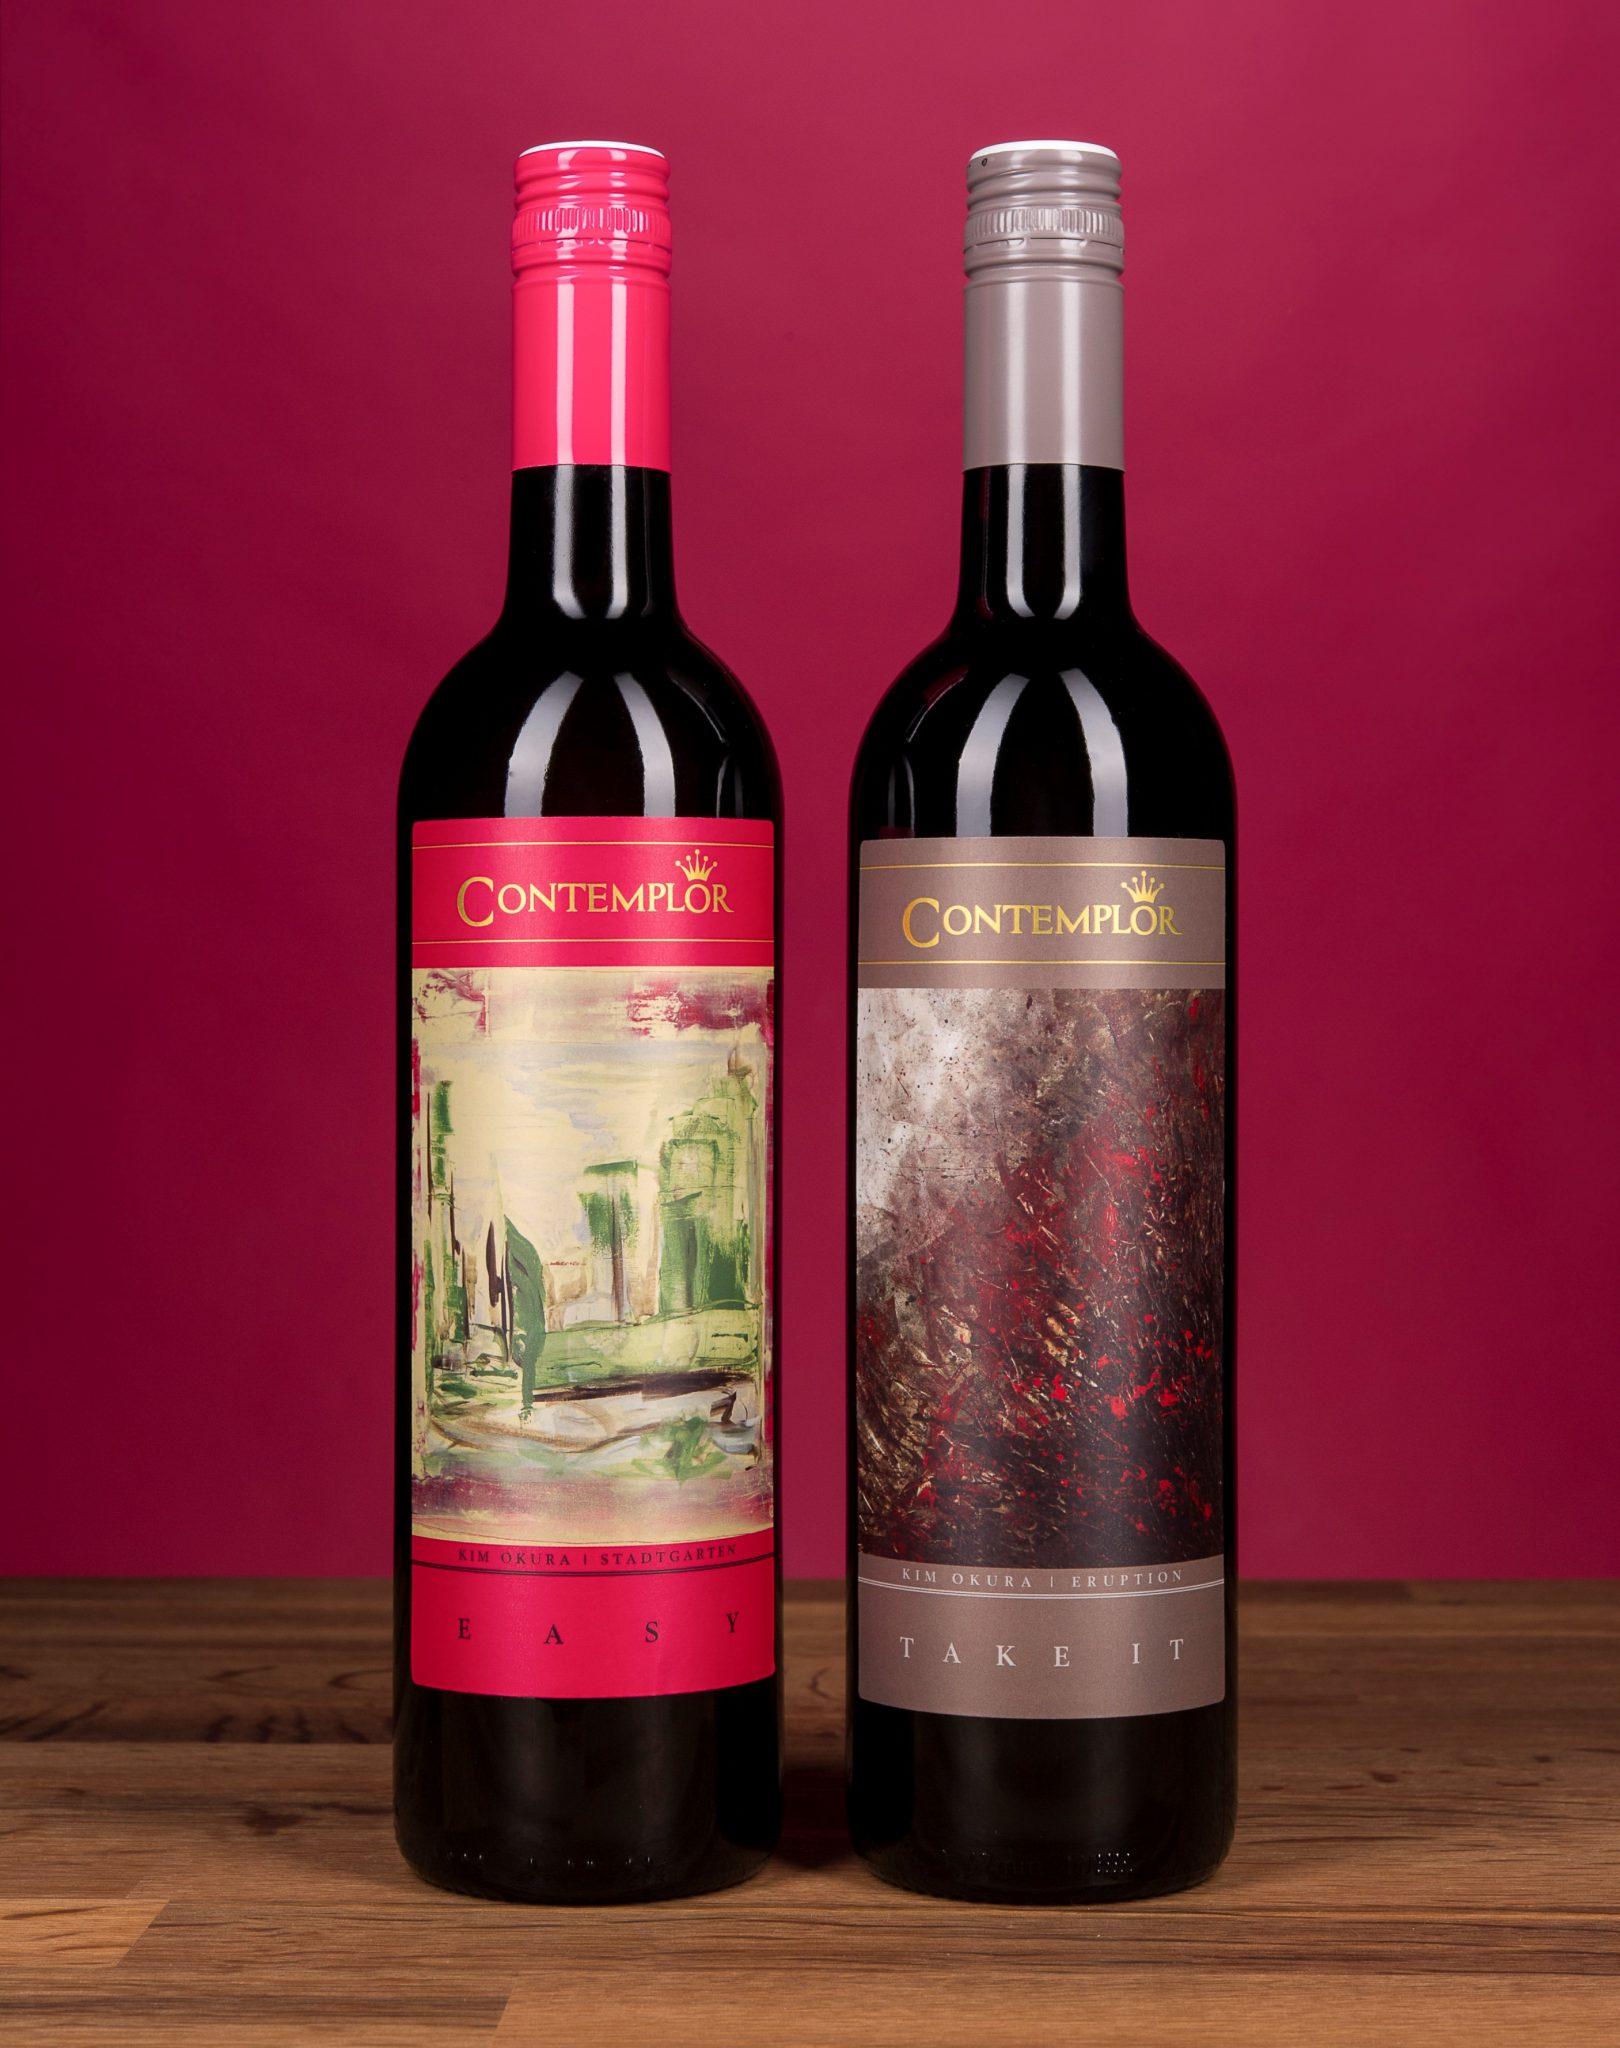 Zwei Kim Okura Gemälde zieren die Tinhof Weinetiketten